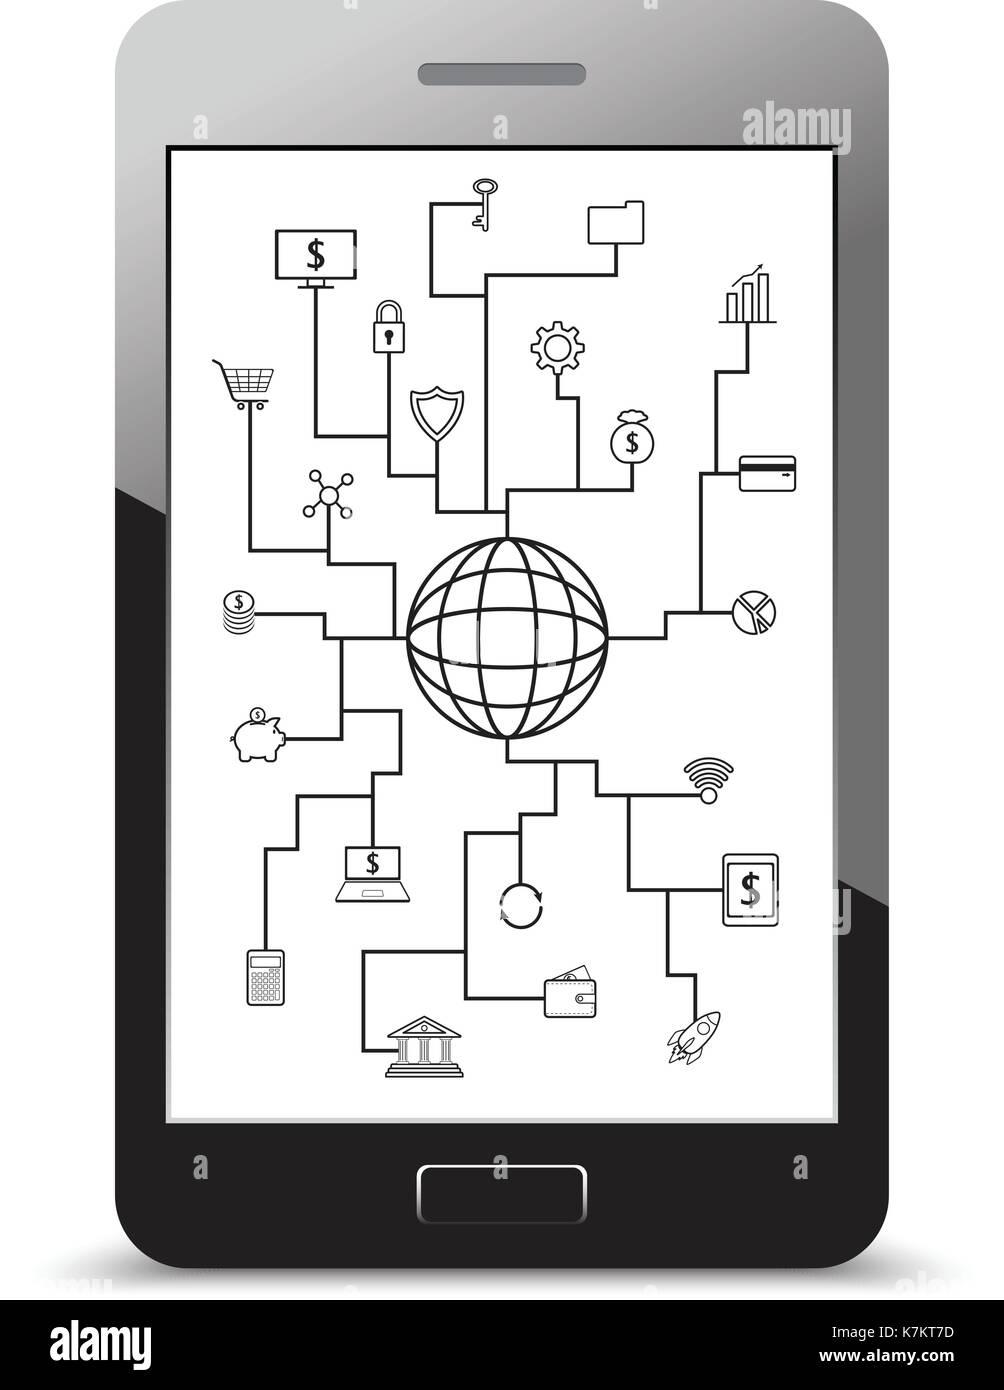 Vektor fintech Zeile für Symbole rund um einen Globus über finanzielle Technologie, Banking und Investment mit weißem Hintergrund auf einer realistischen Bildschirm des Smartphones Stockbild